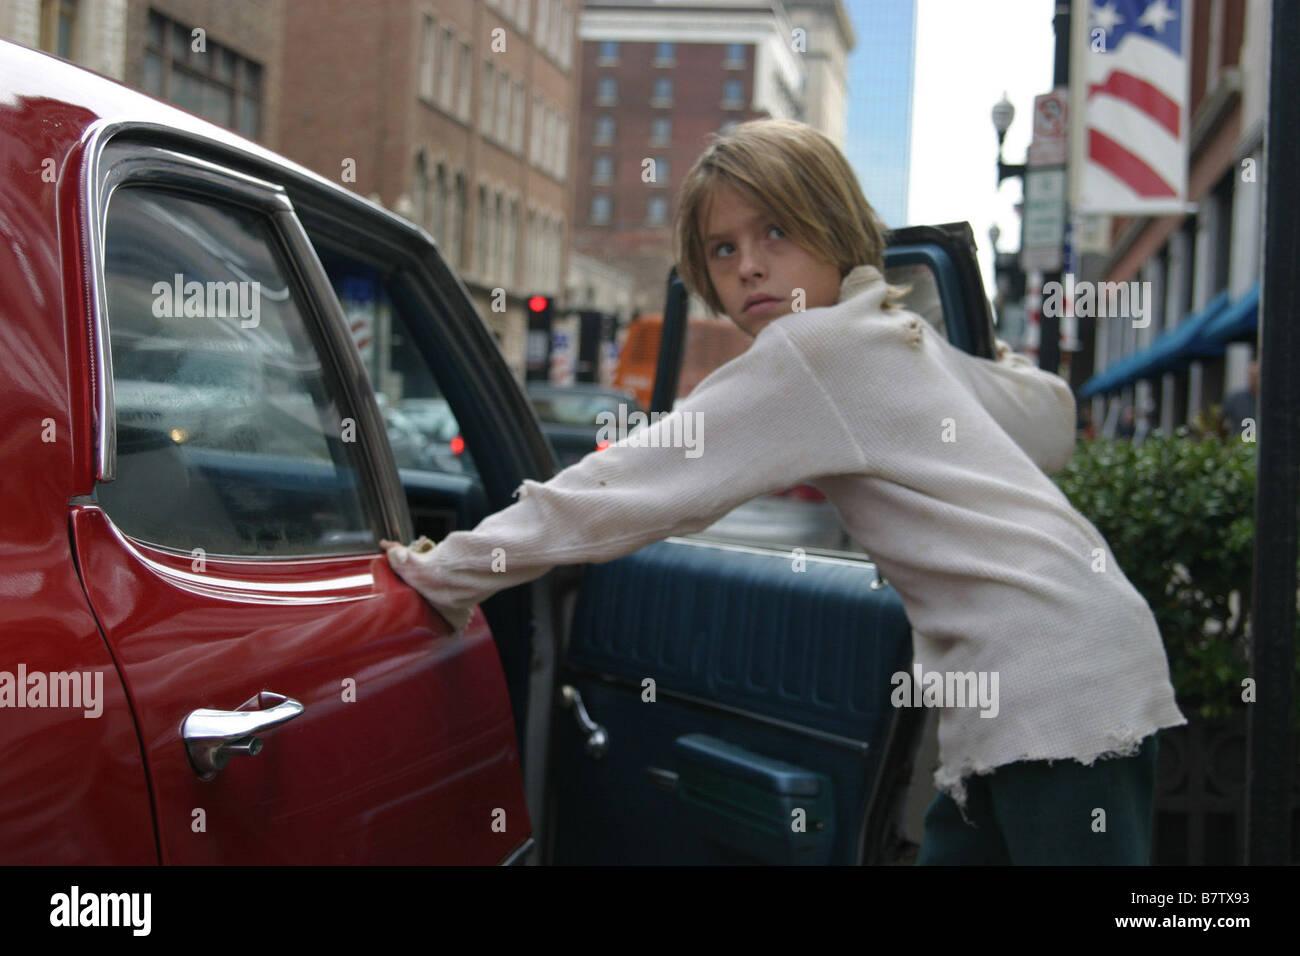 LE LIVRE DE JEREMIE The Heart Is Deceitful Above All Things  2004 - uk usa Cole ou Dylan Sprouse dans le role de - Stock Image